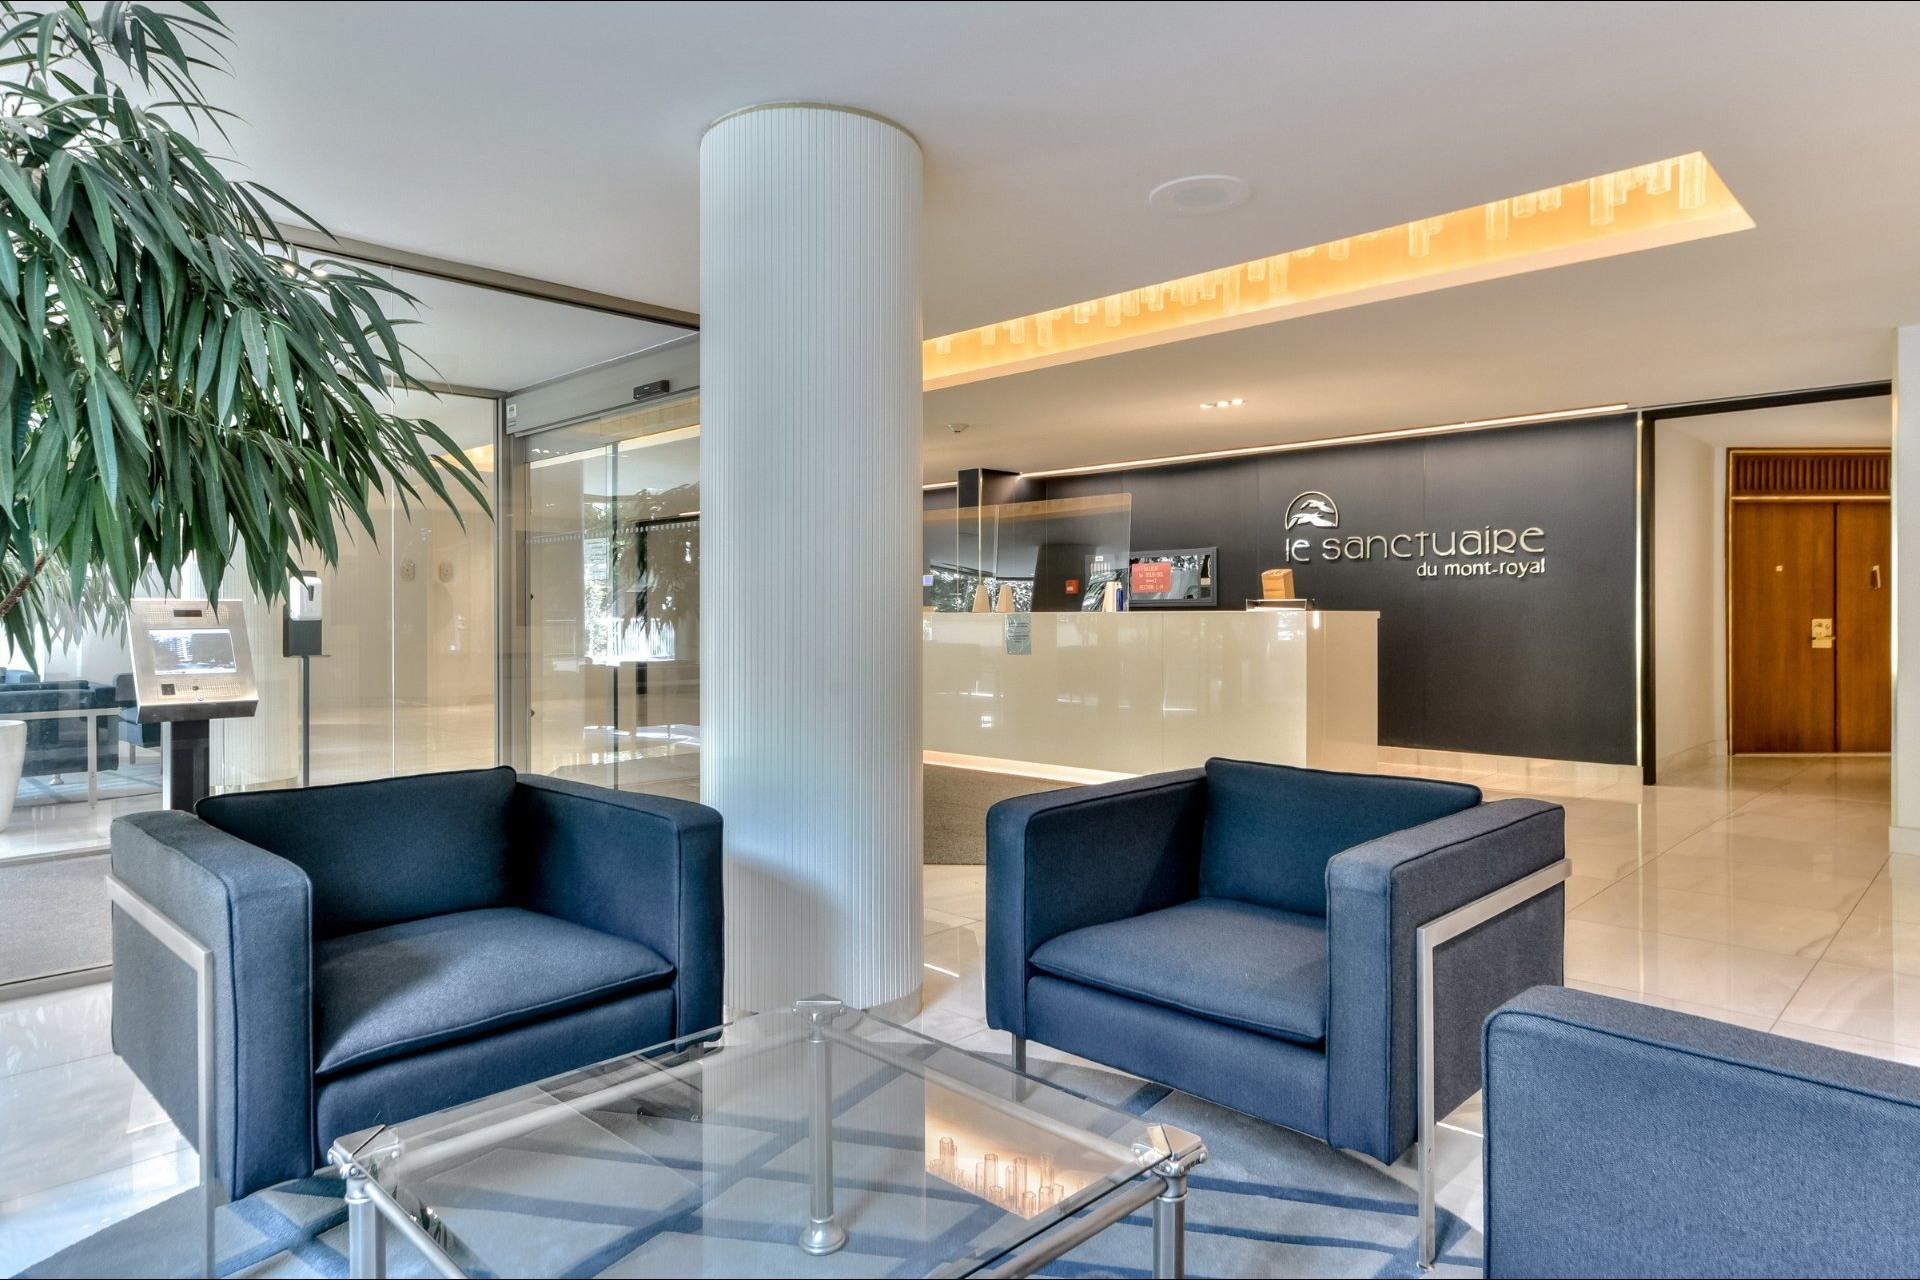 image 37 - Departamento En venta Côte-des-Neiges/Notre-Dame-de-Grâce Montréal  - 12 habitaciones